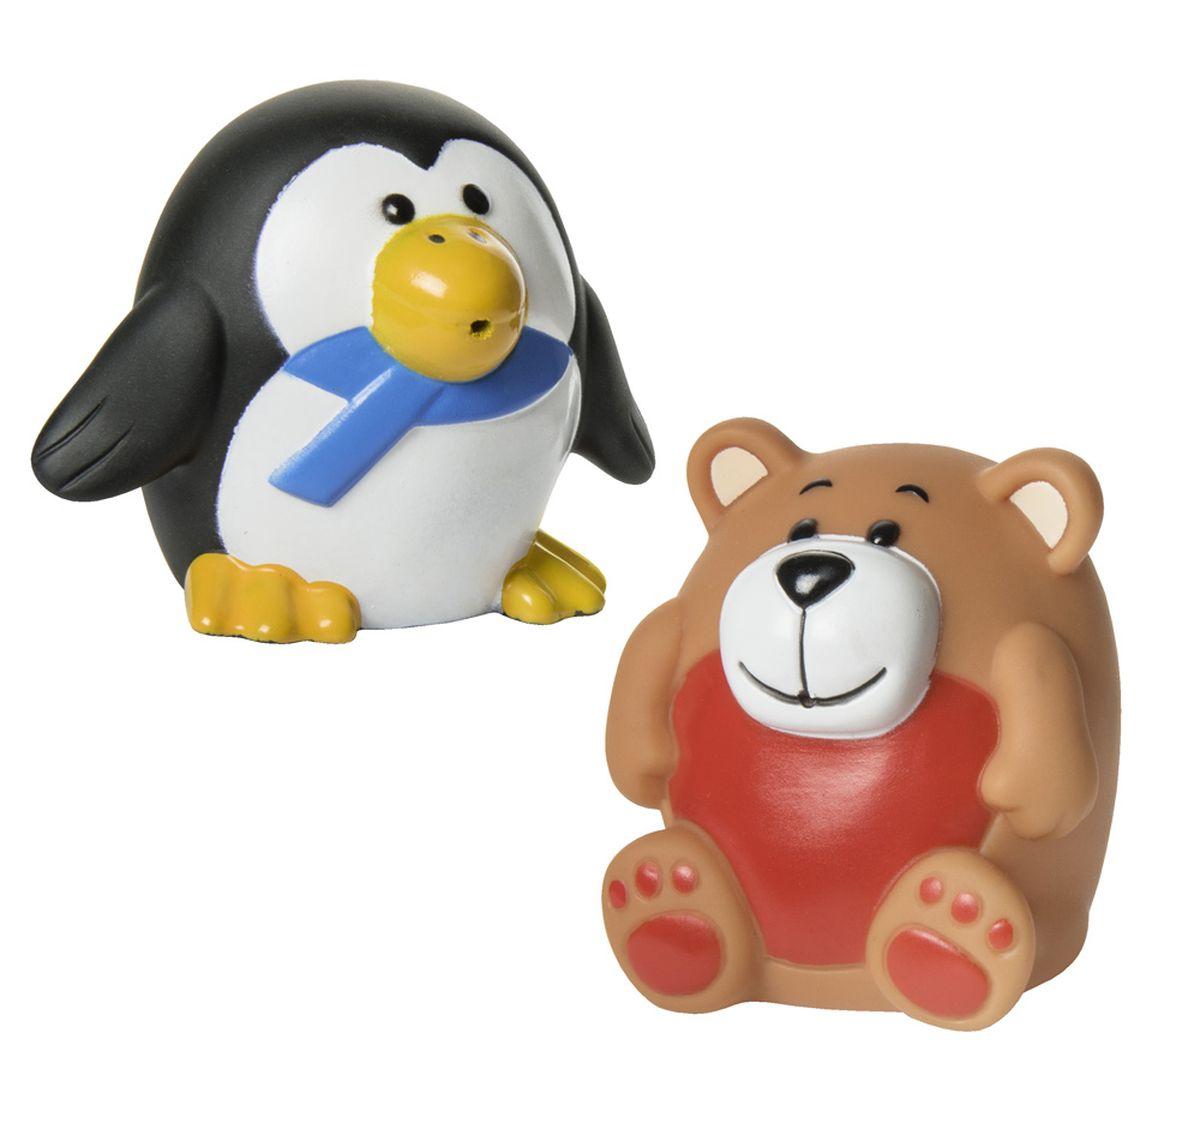 Курносики Набор игрушек для ванной Зоопарк 2 шт25080Набор игрушек-брызгалок «Зоопарк» выполнен из мягкого безопасного материала, способен превратить обычное купание в веселую игру. В наборе две игрушки: пингвин и медвежонок. Высота игрушек: 5,5 см. Размер игрушки (в/ш/г): пингвин: 5,5*7*5,5 см. медведь: 5,5*5*5,5 см.